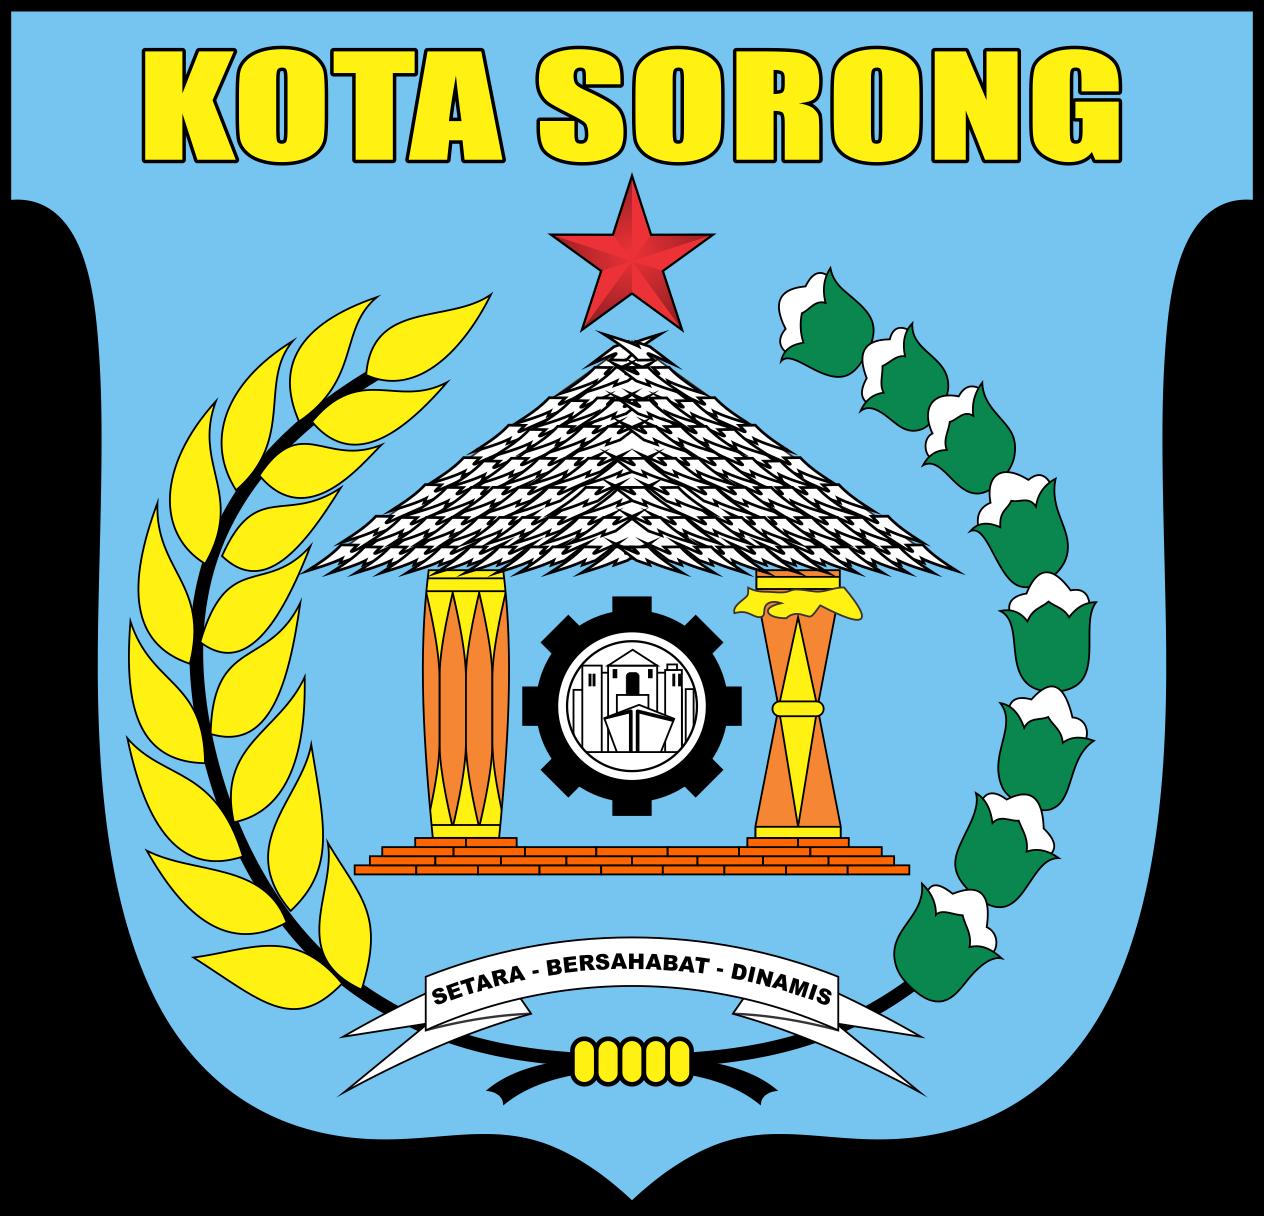 Download Logo Kota Sorong Vector Coreldraw Png Hd Vectorzy Download Vektor Logo Corel Terlengkap Dan Jasa Desain Murah